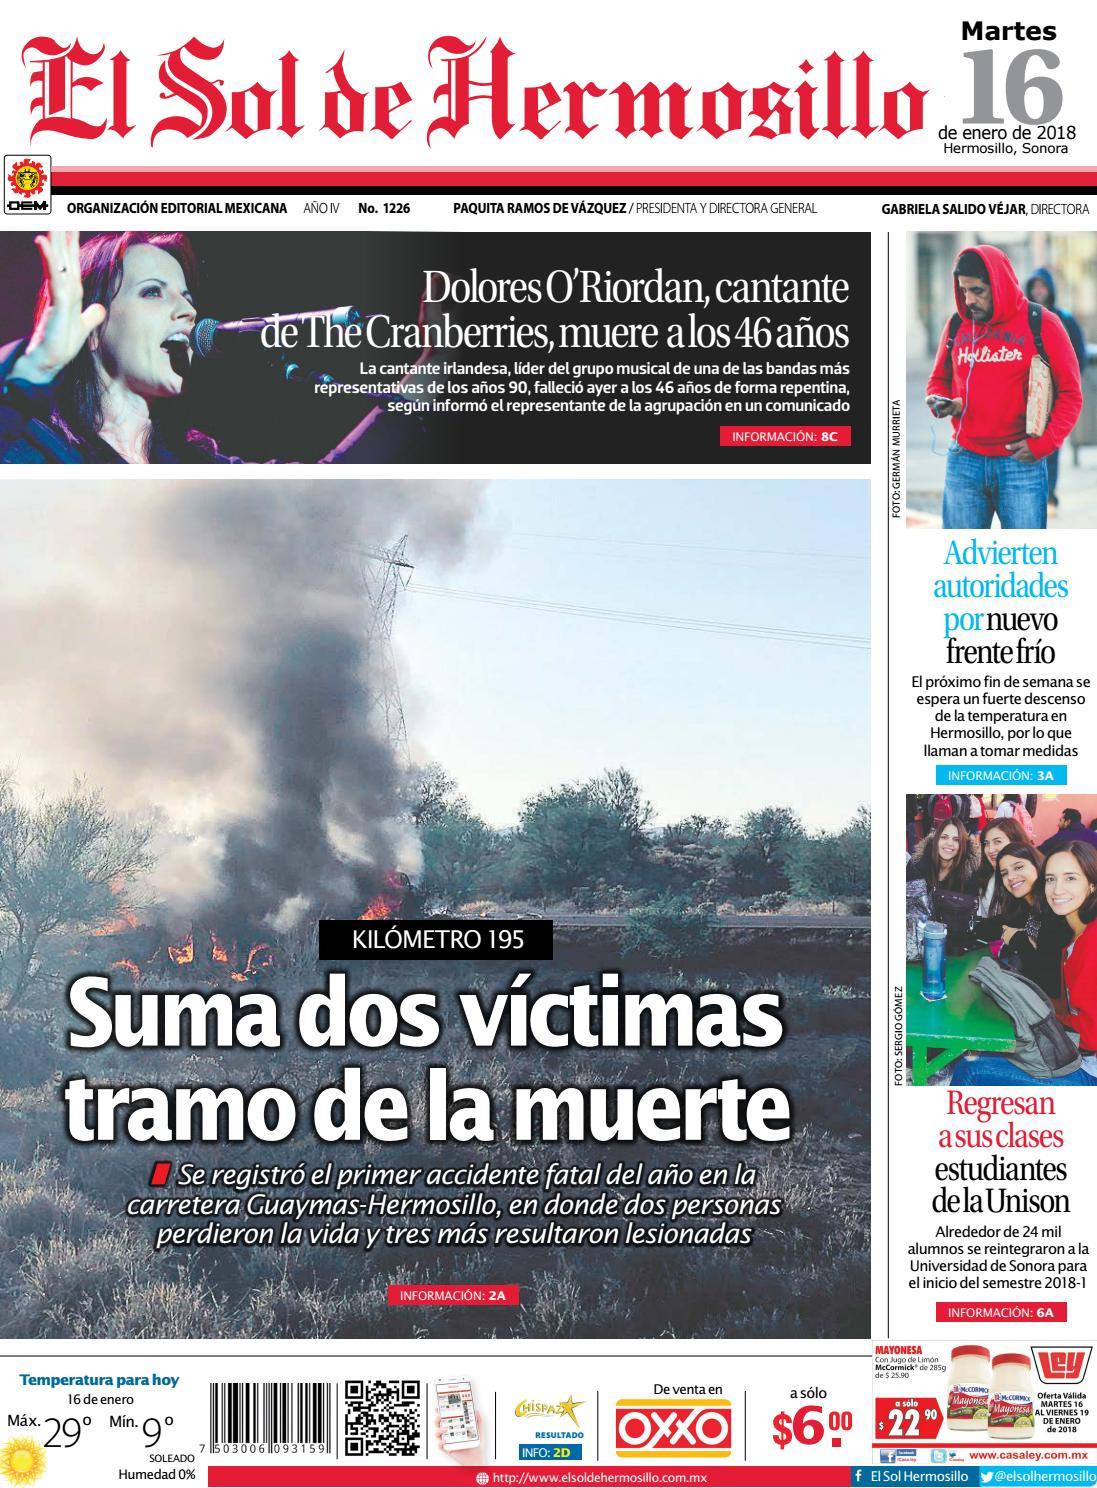 Edicion impresa 16 enero 2018 by El Sol de Hermosillo - issuu